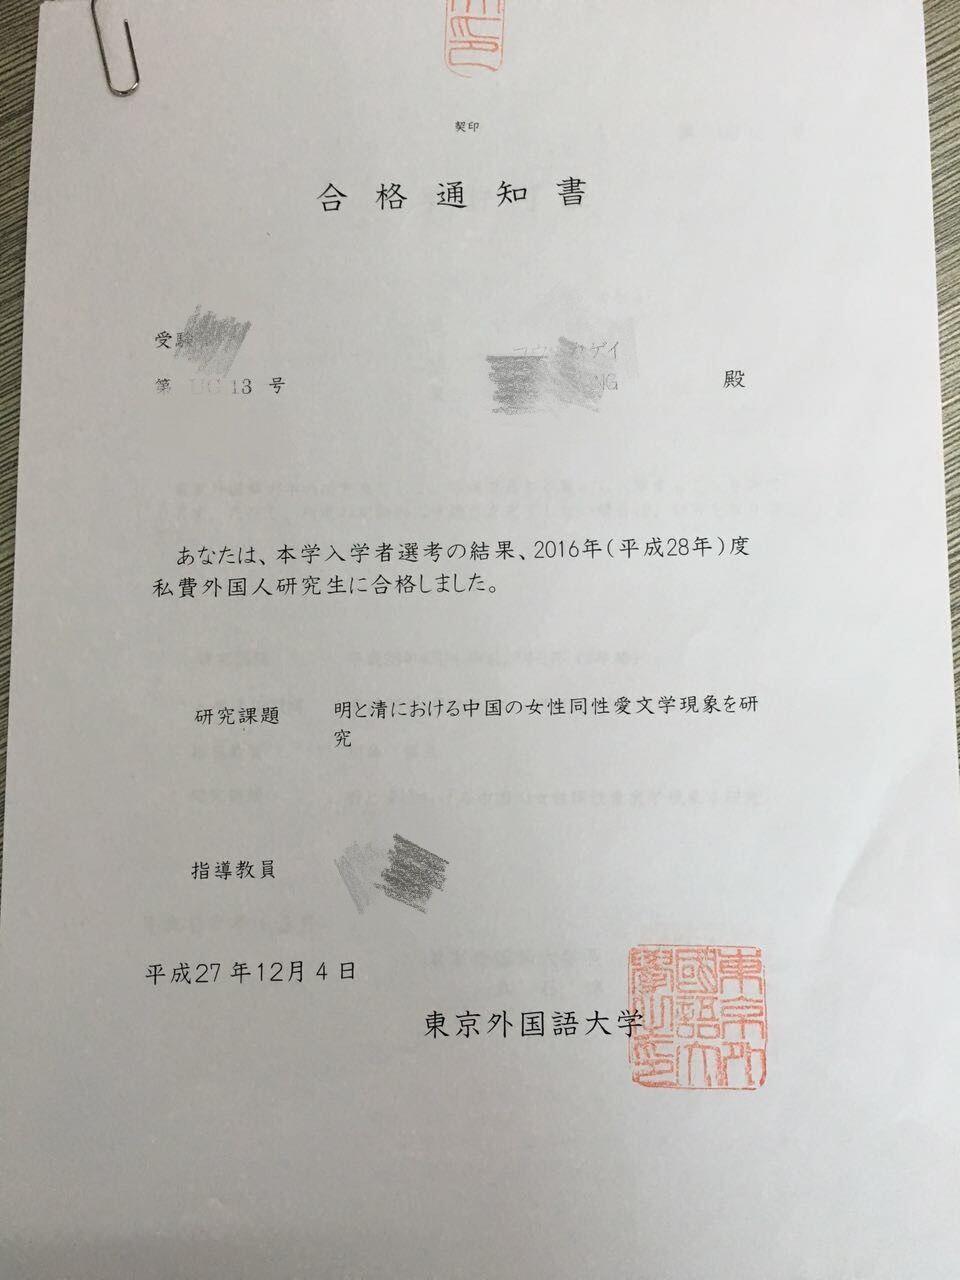 日本东京外国语大学日语专业成功申请